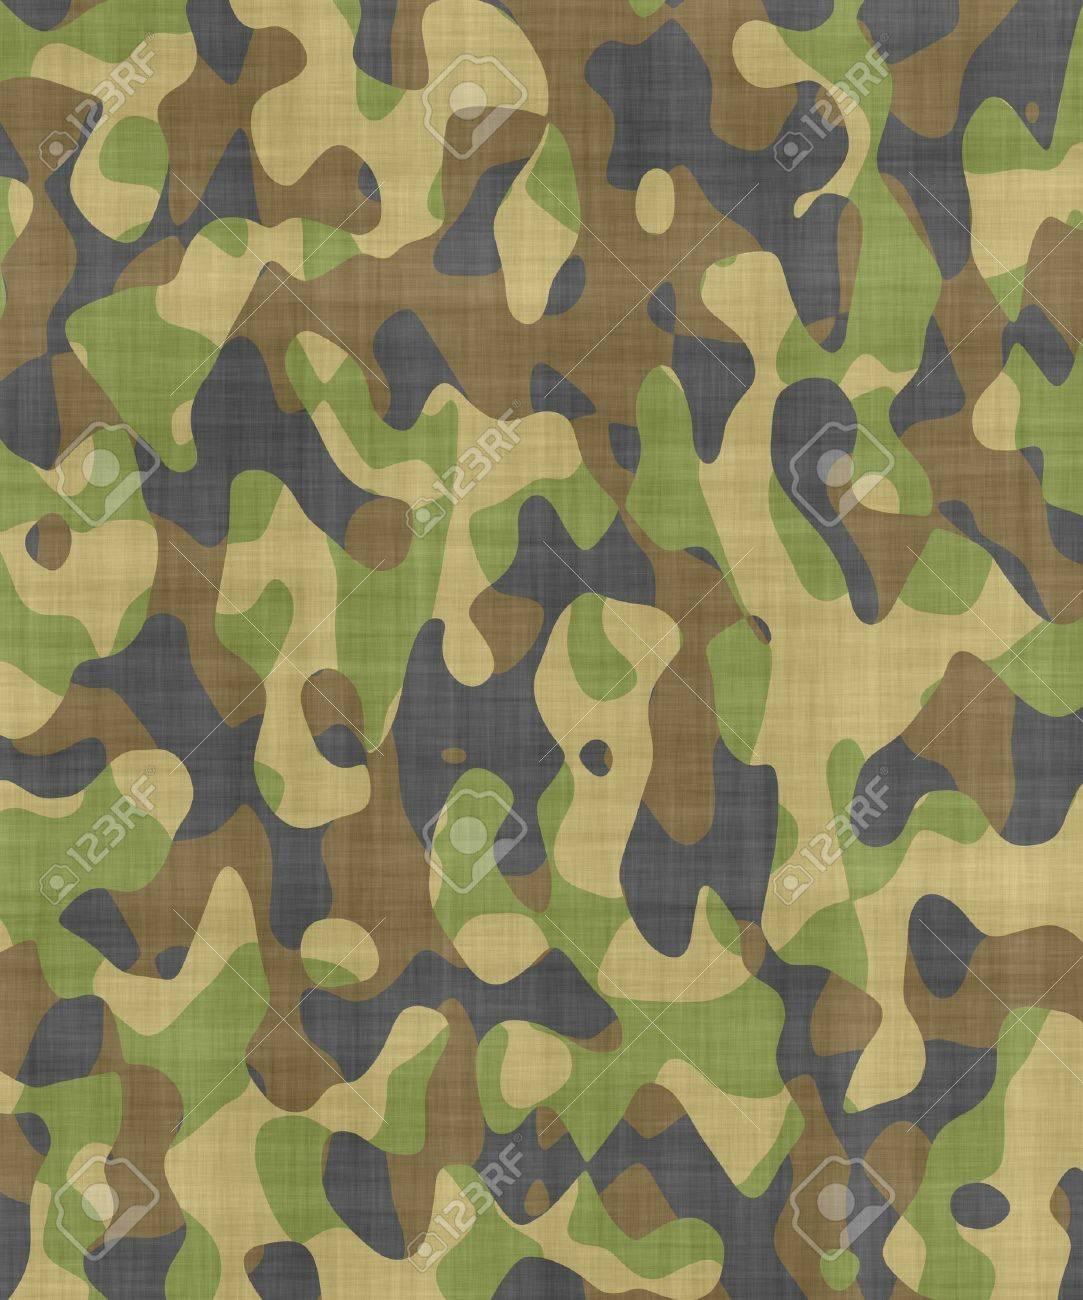 camouflage background Stock Photo - 13095018